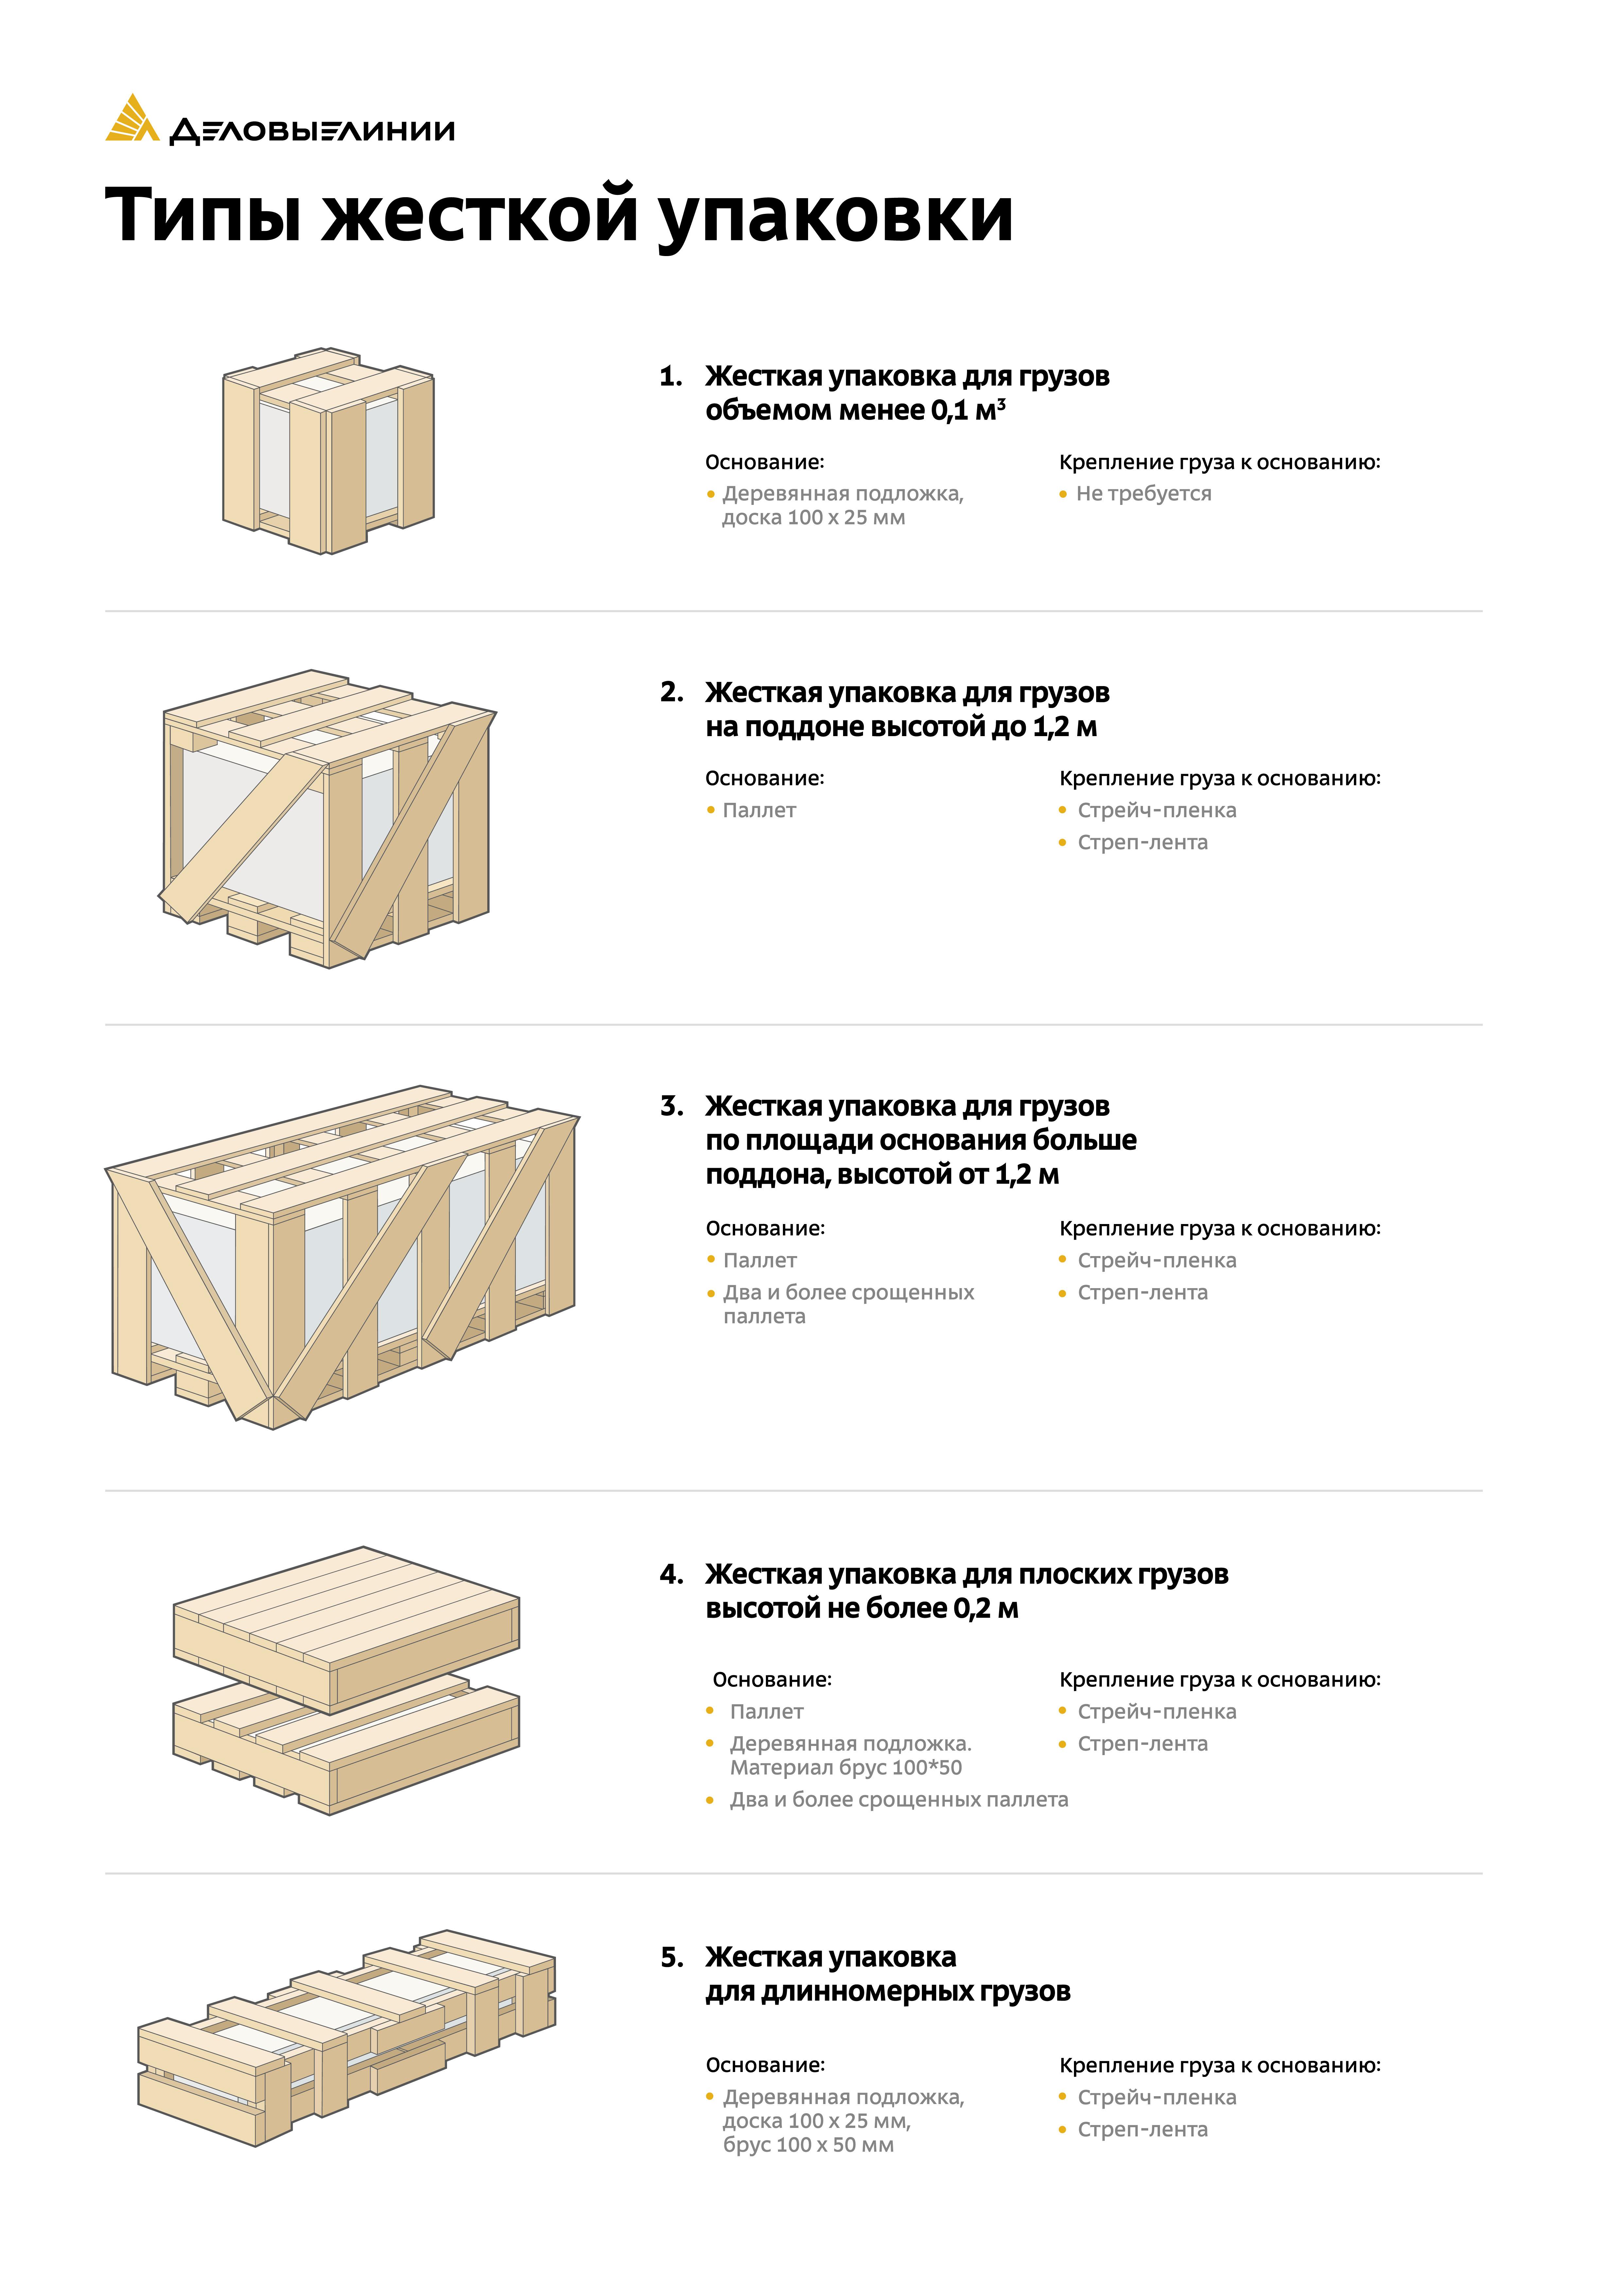 Плакат Деловые Линии «Типы жесткой упаковки»